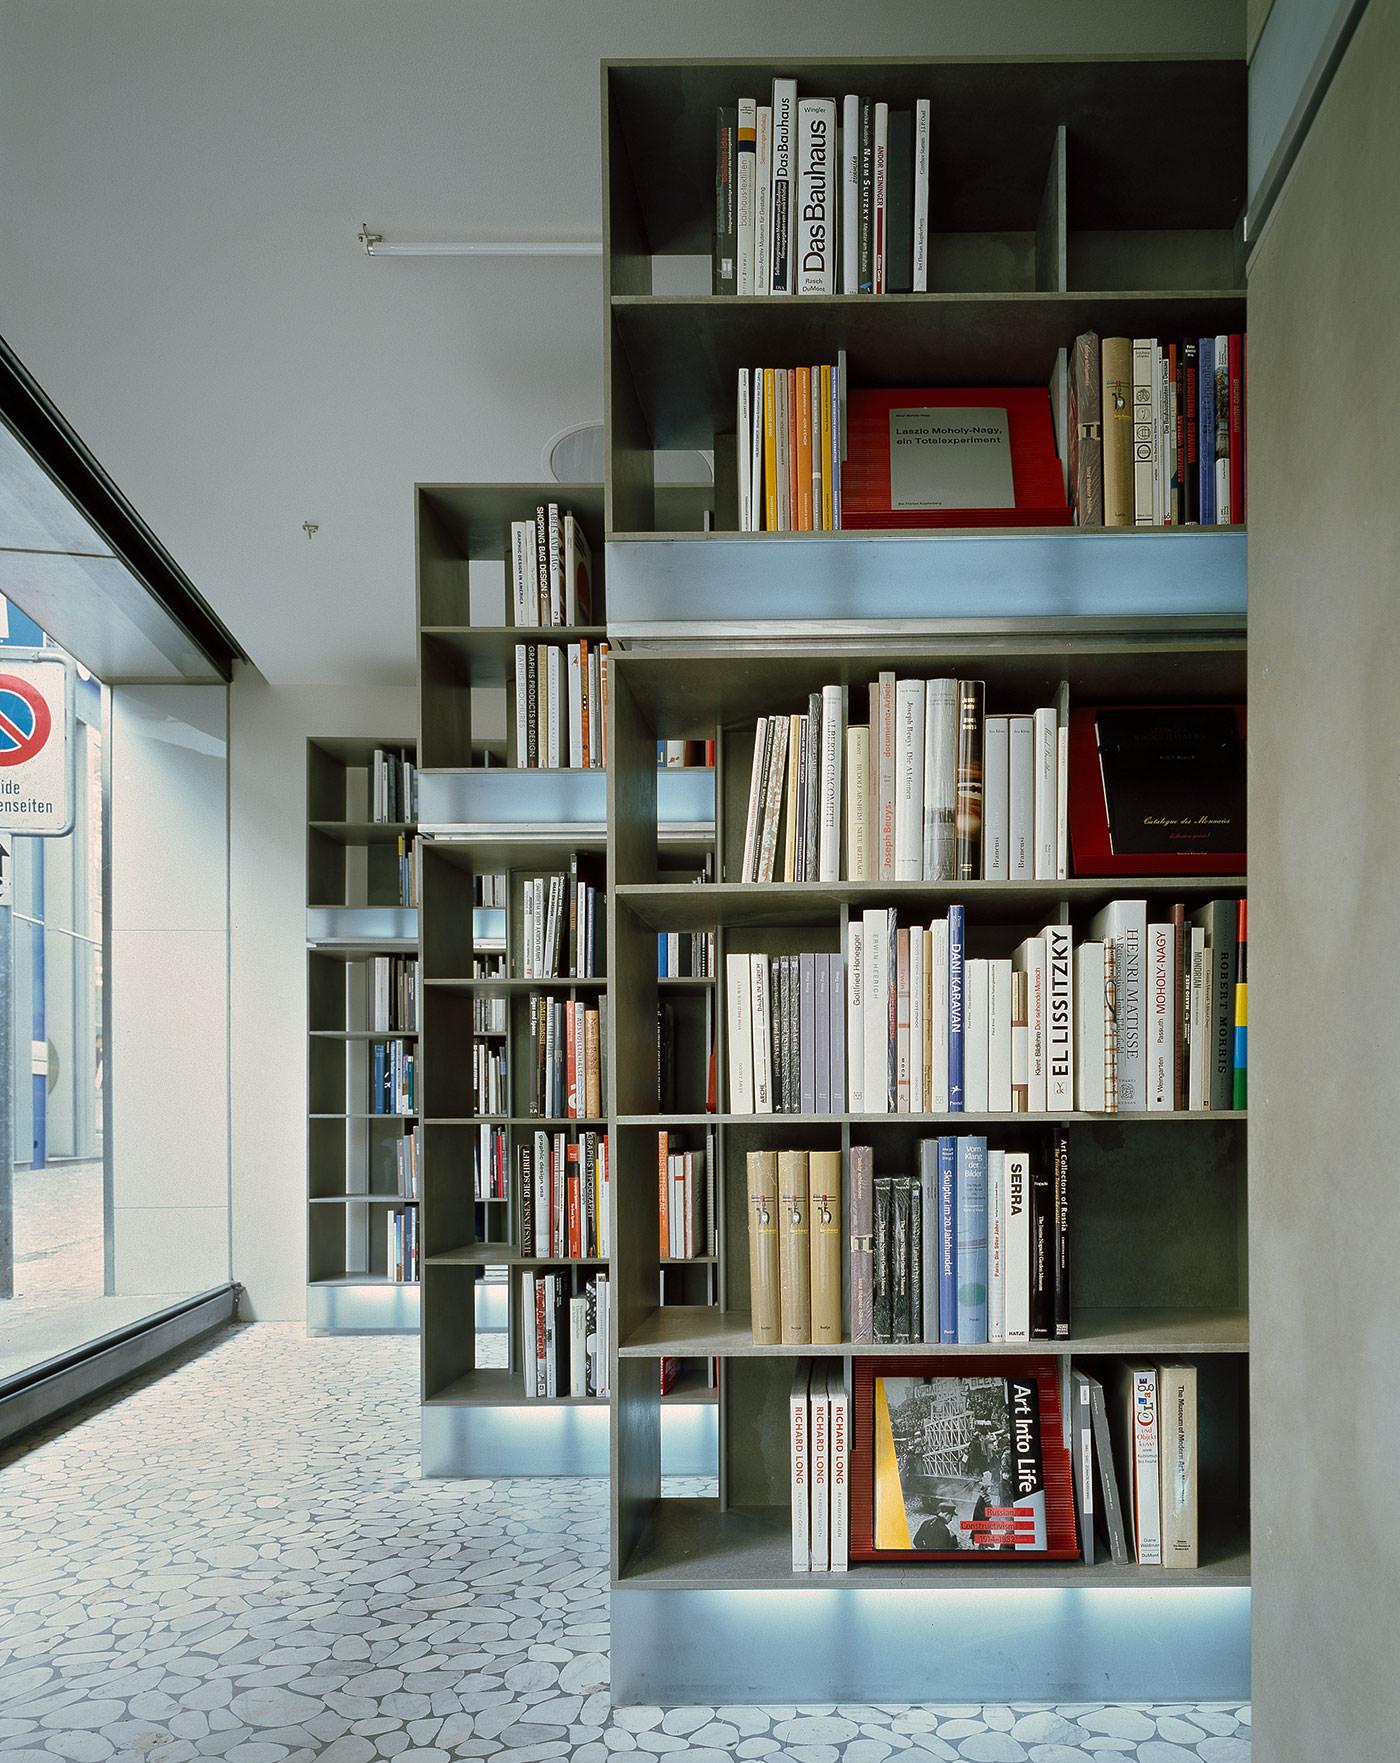 domushaus buchhandlung f r architektur und design basel schmutz partner freie architekten. Black Bedroom Furniture Sets. Home Design Ideas